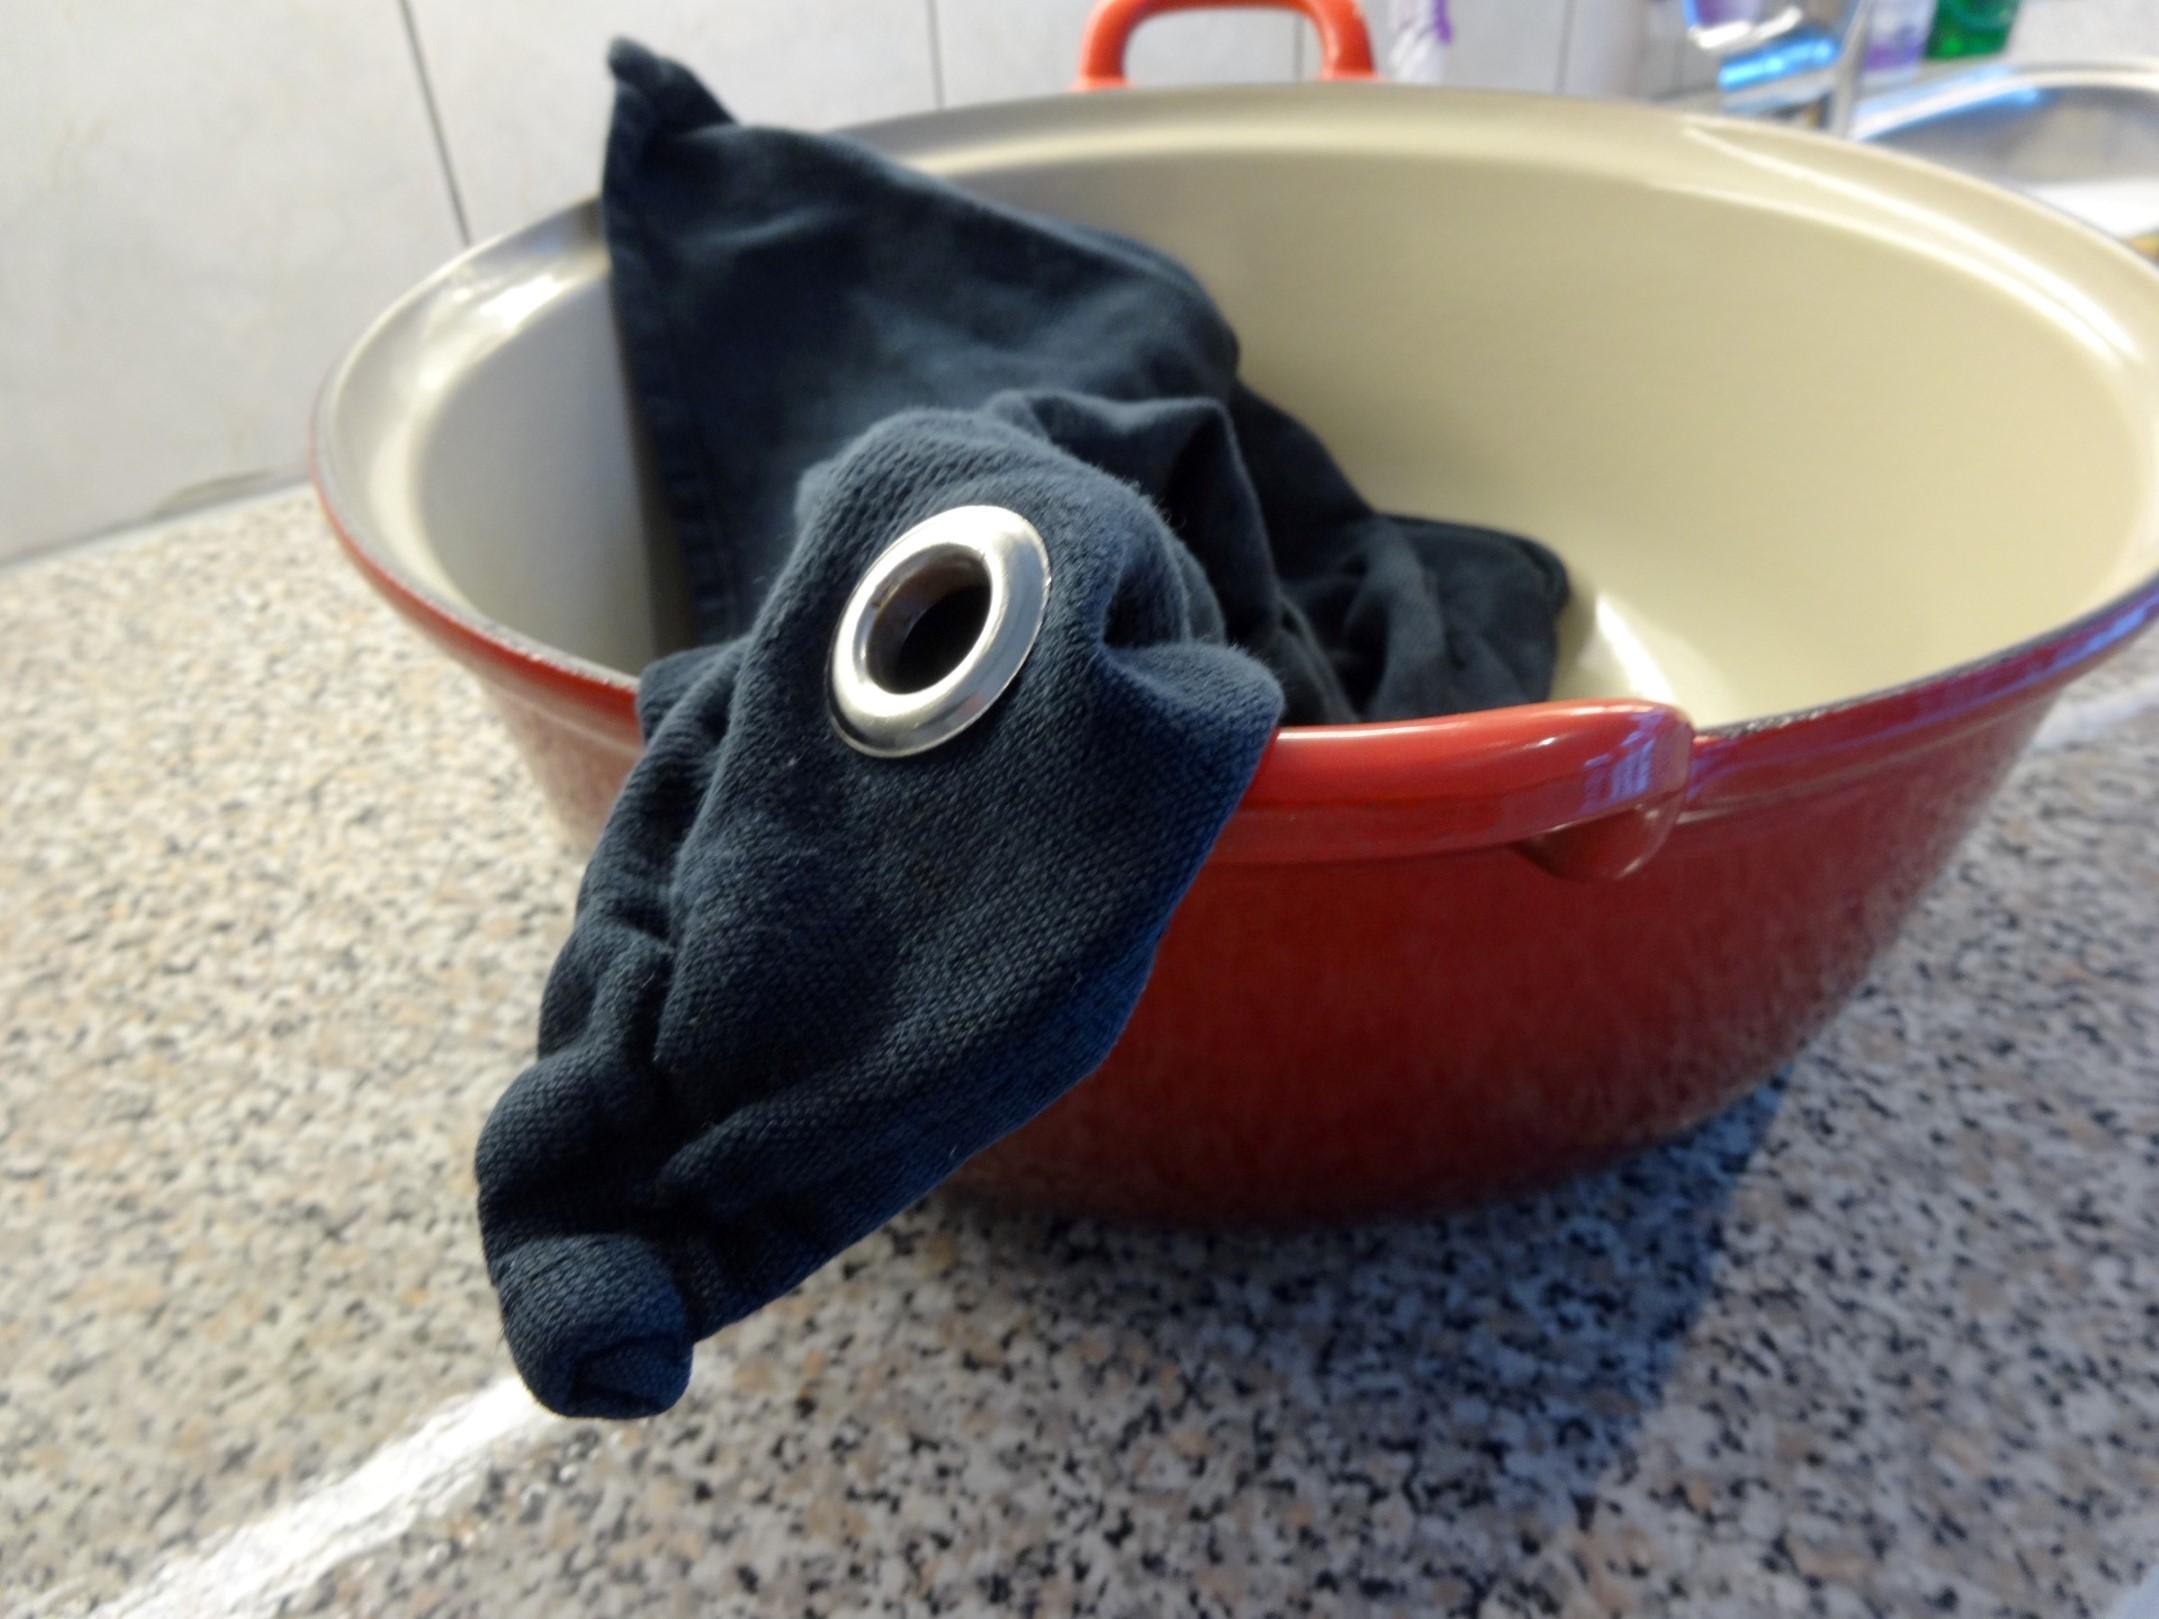 Hoe verpest ik mijn goede braadpan - 5 dingen die je beter niet kunt doen met je braadpan